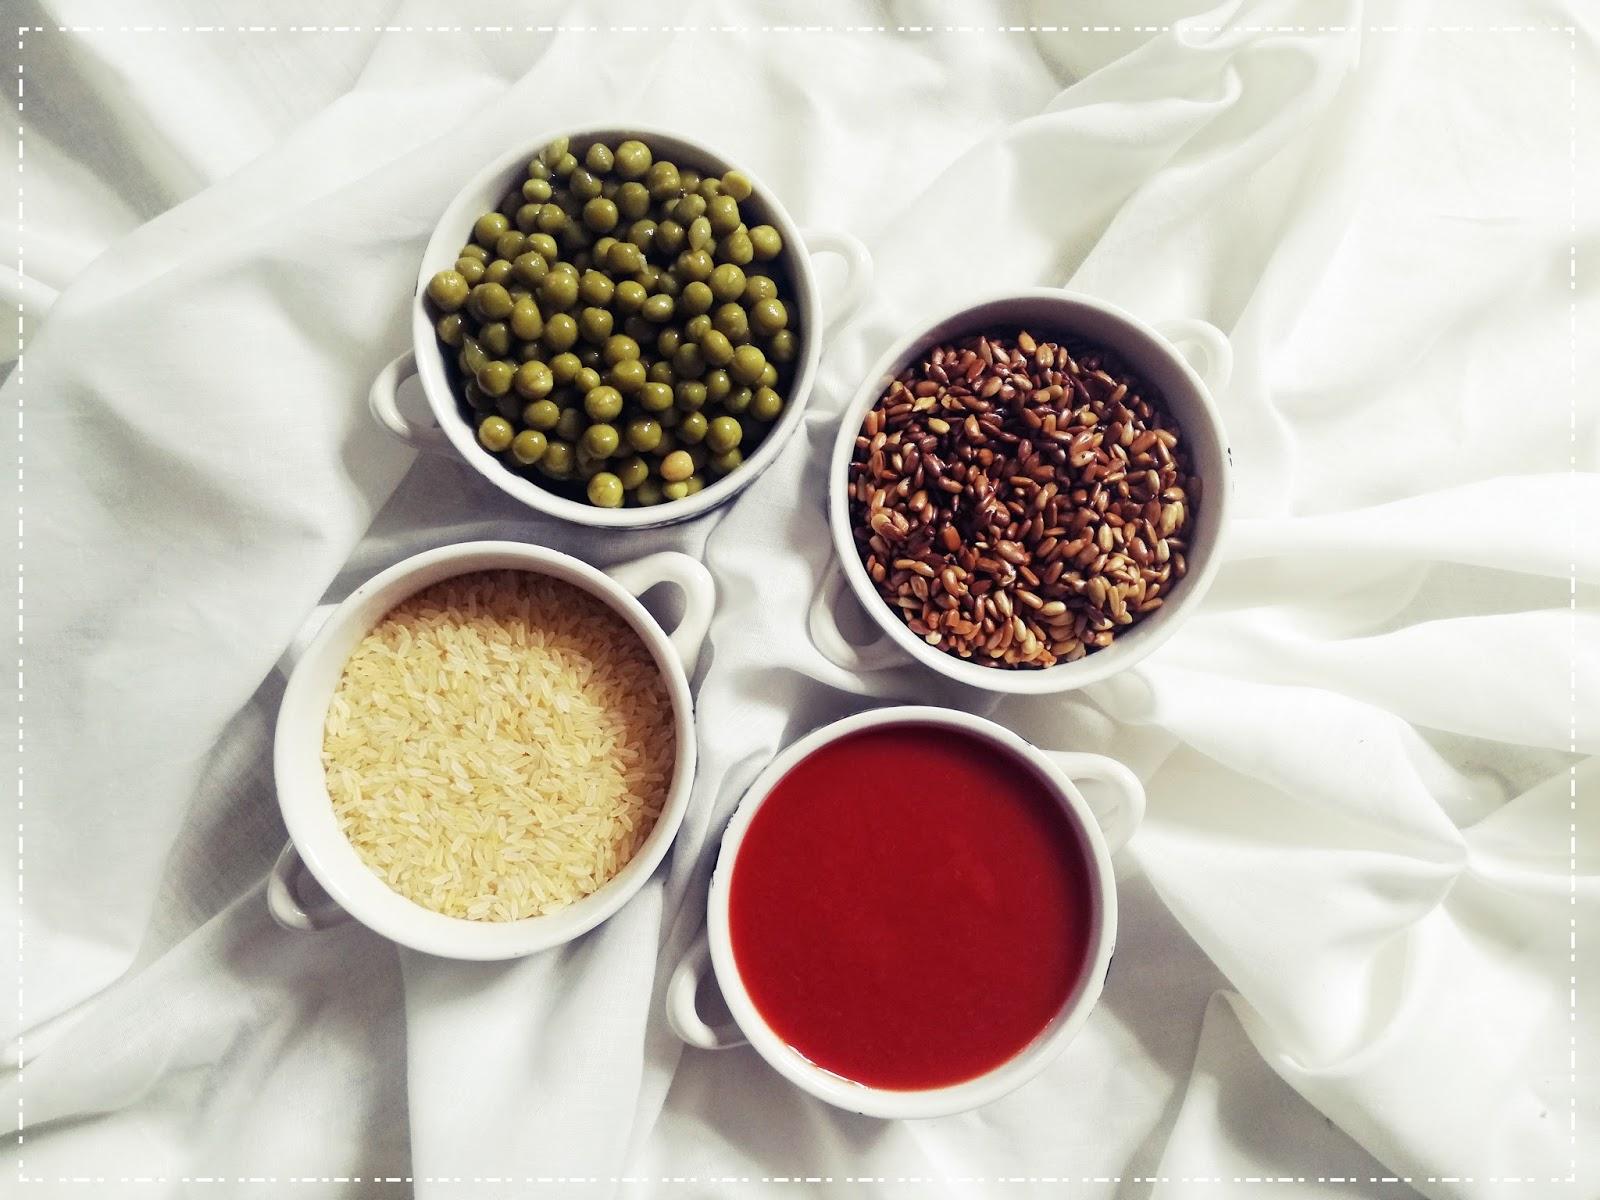 Szybkie danie z woka :  ryż z groszkiem i prażonym słonecznikiem